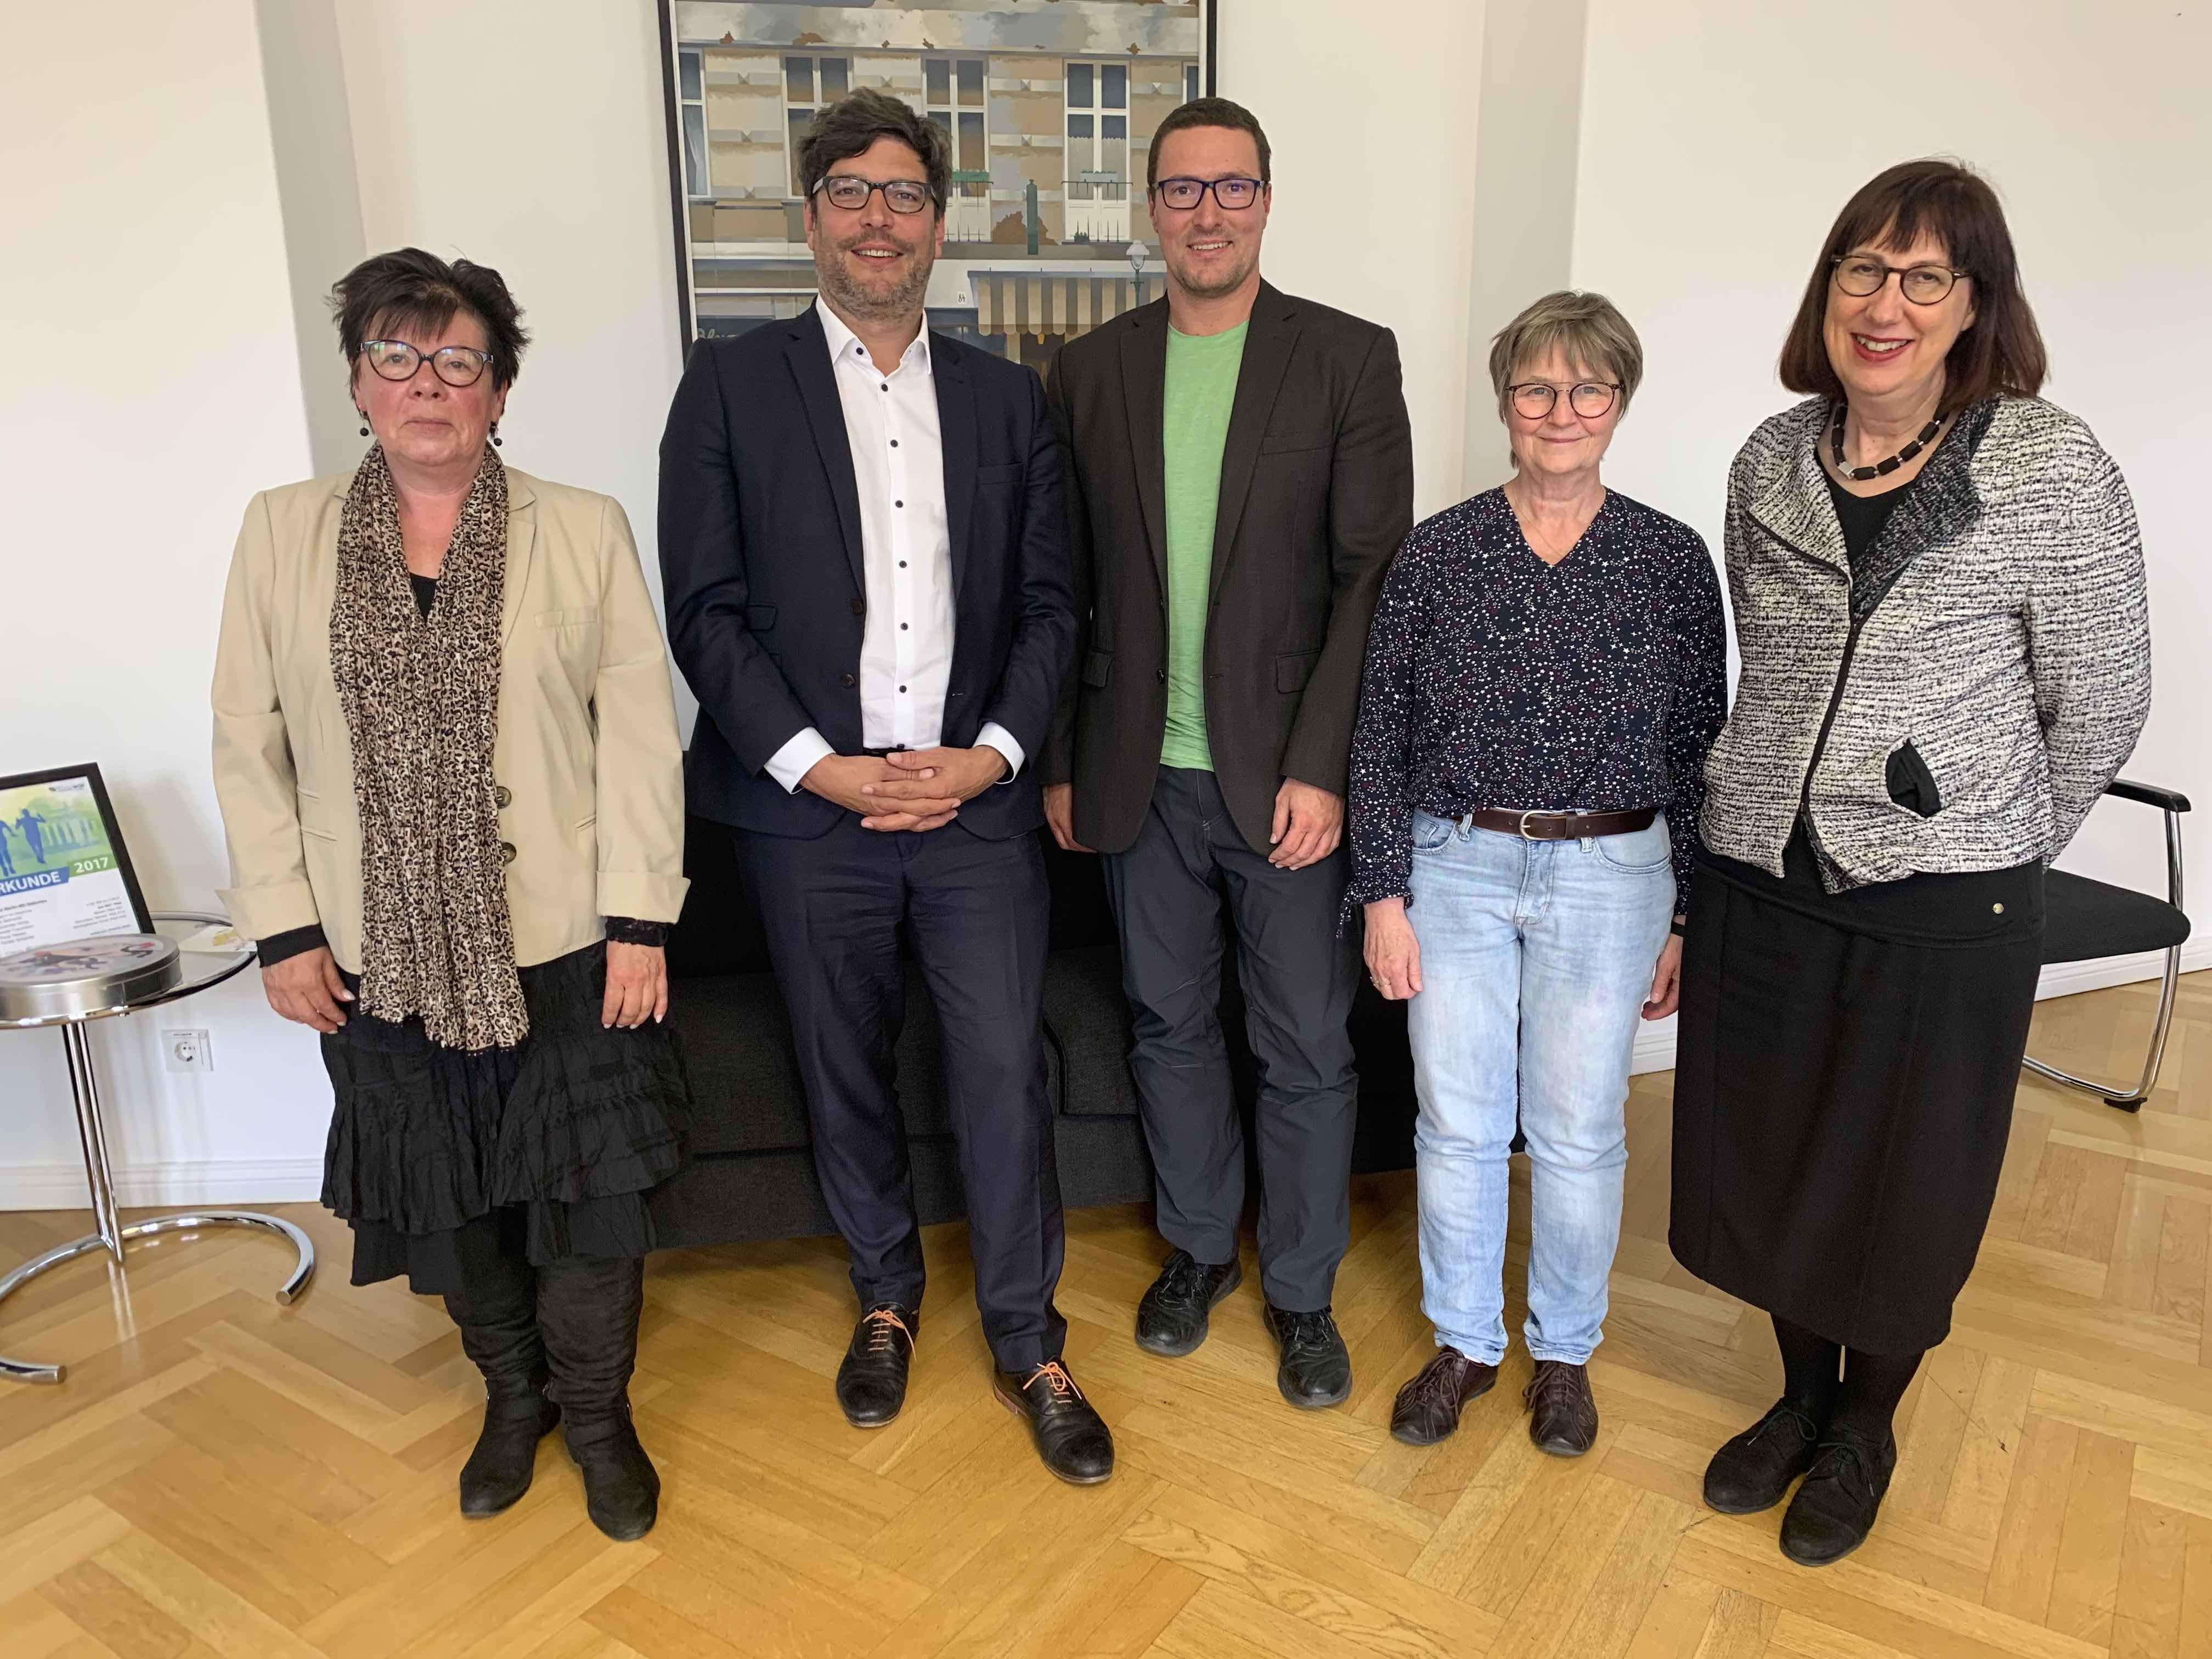 Mai 2019: Landesverband zu Gast bei Berliner Justizsenator – Dr. Dirk Behrendt